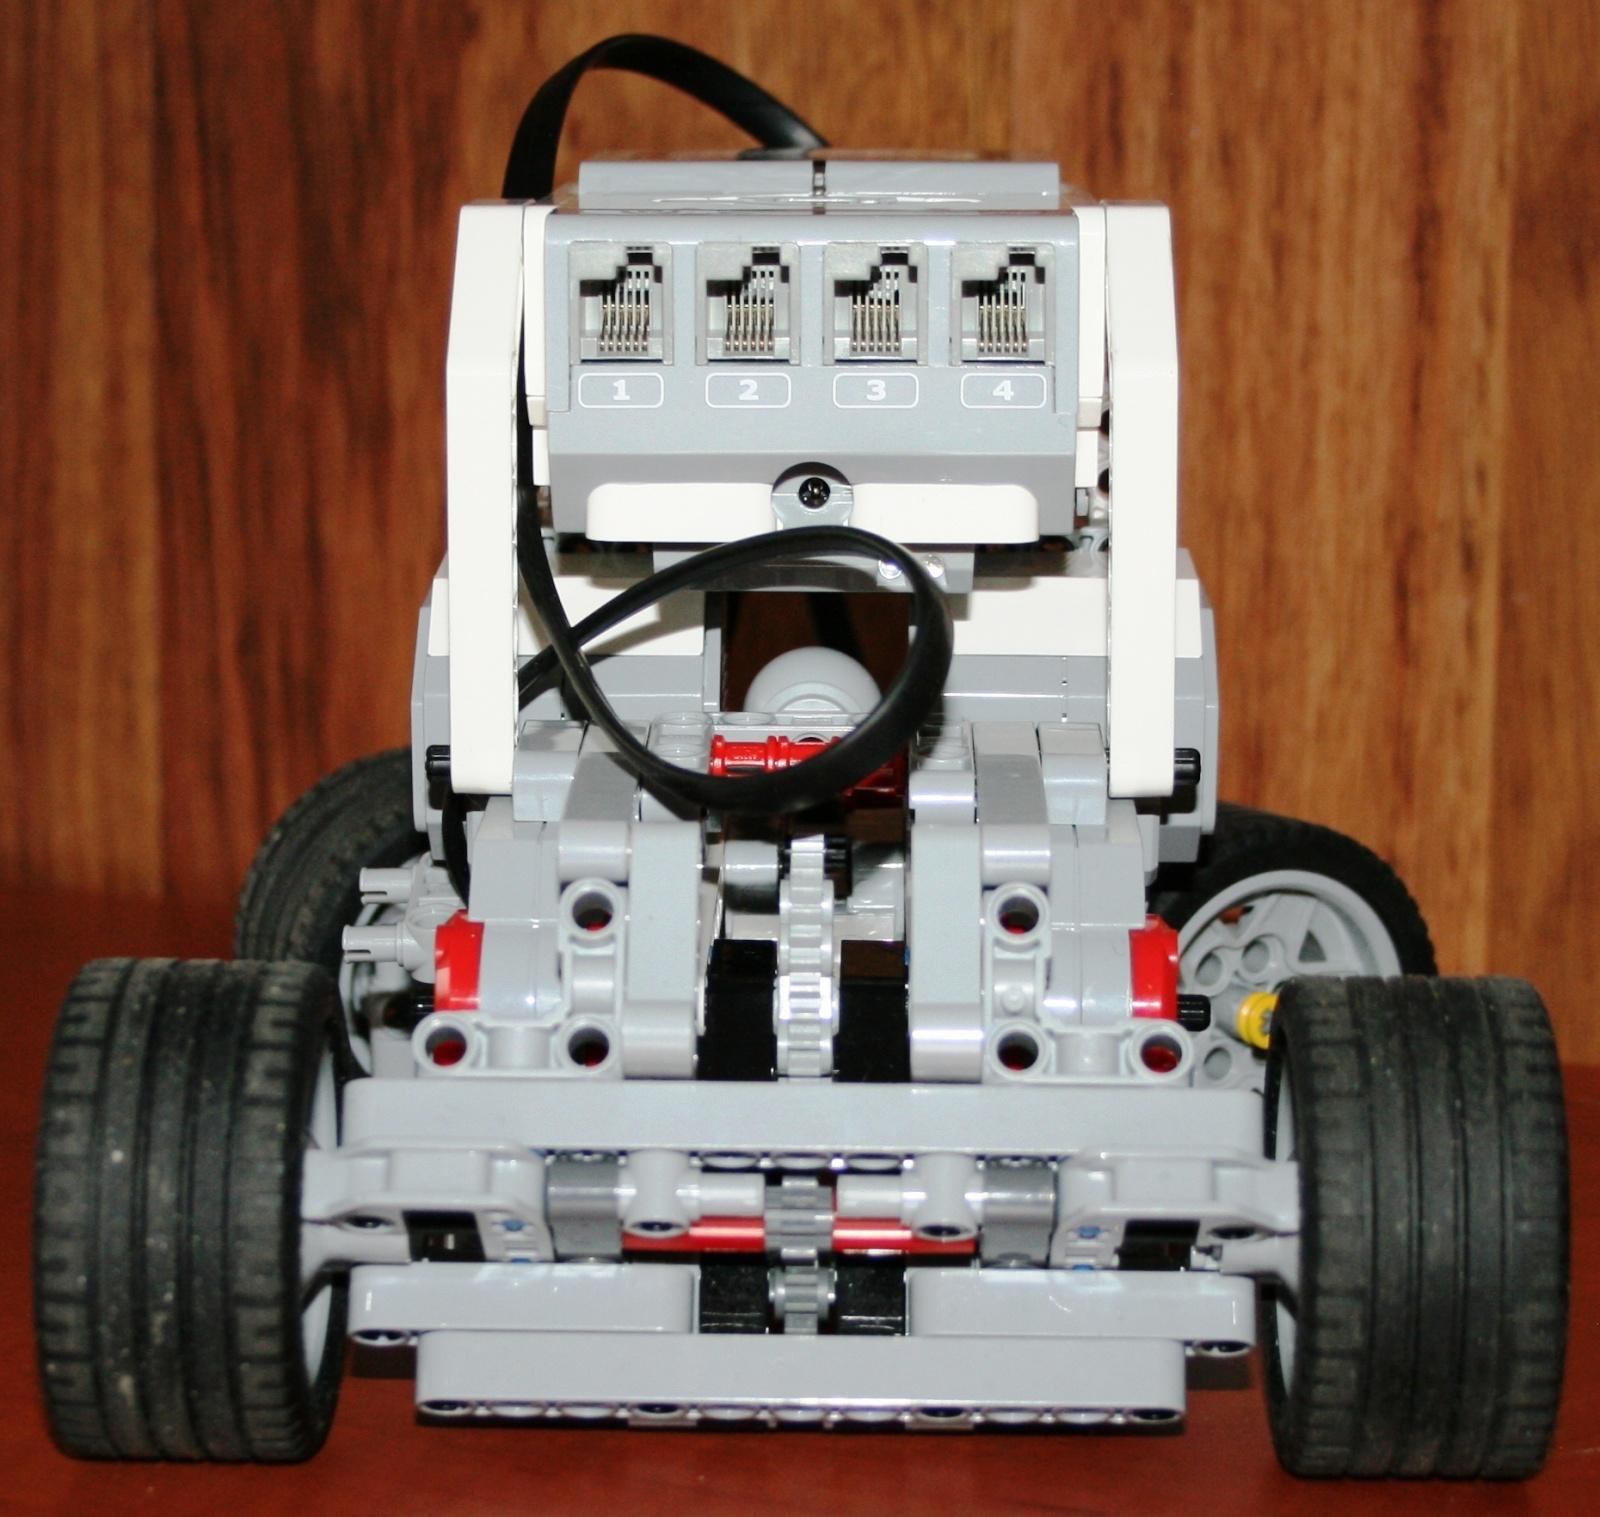 Взаимодействие с роботом на базе конструктора Lego Mindstorms EV3 через RCML - 4